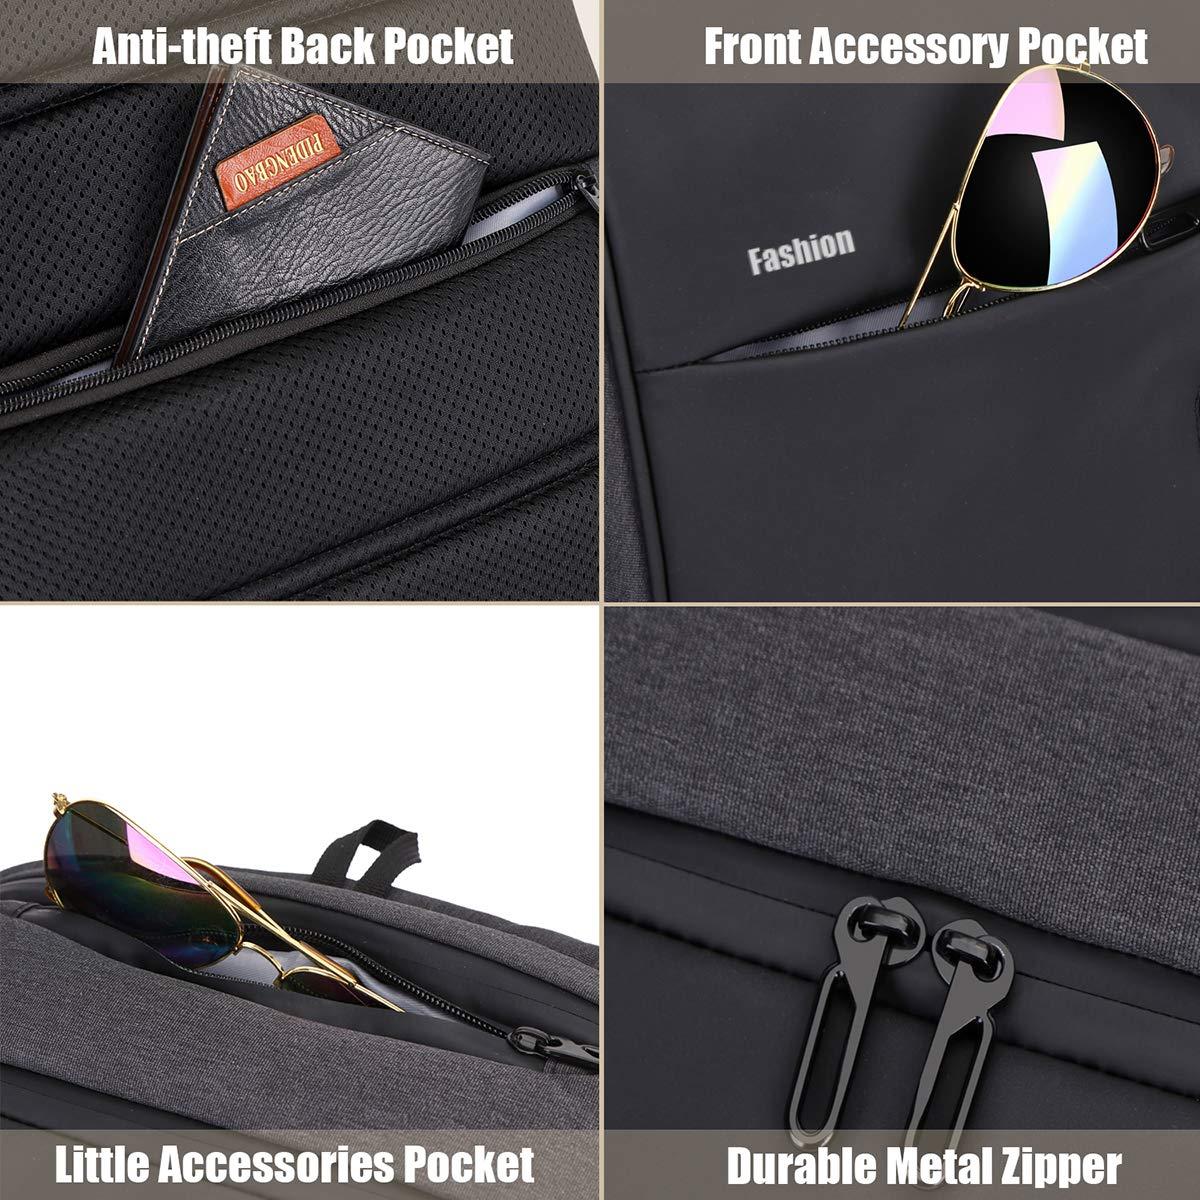 Xnuoyo Laptop Zaino Antifurto, 17.3 Pollici Impermeabile Zaino Porta PC con Porta USB di Ricarica Interfaccia Cuffie Zaino da Viaggio per Il Viaggio per Notebook Tablet da 12-17 Pollici, Nero